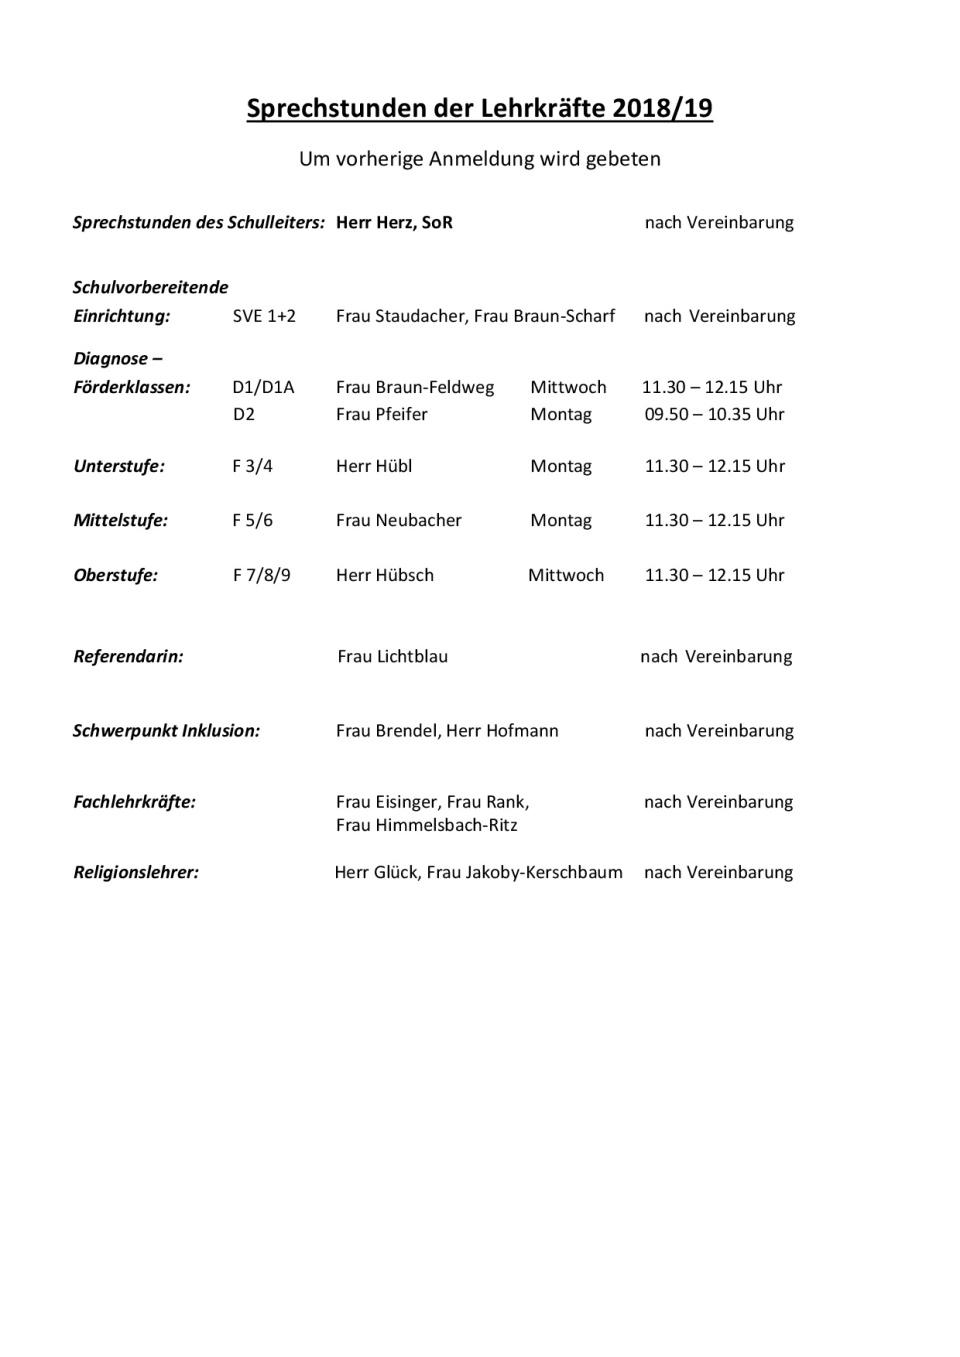 Lehrersprechstunden18_19_homepage